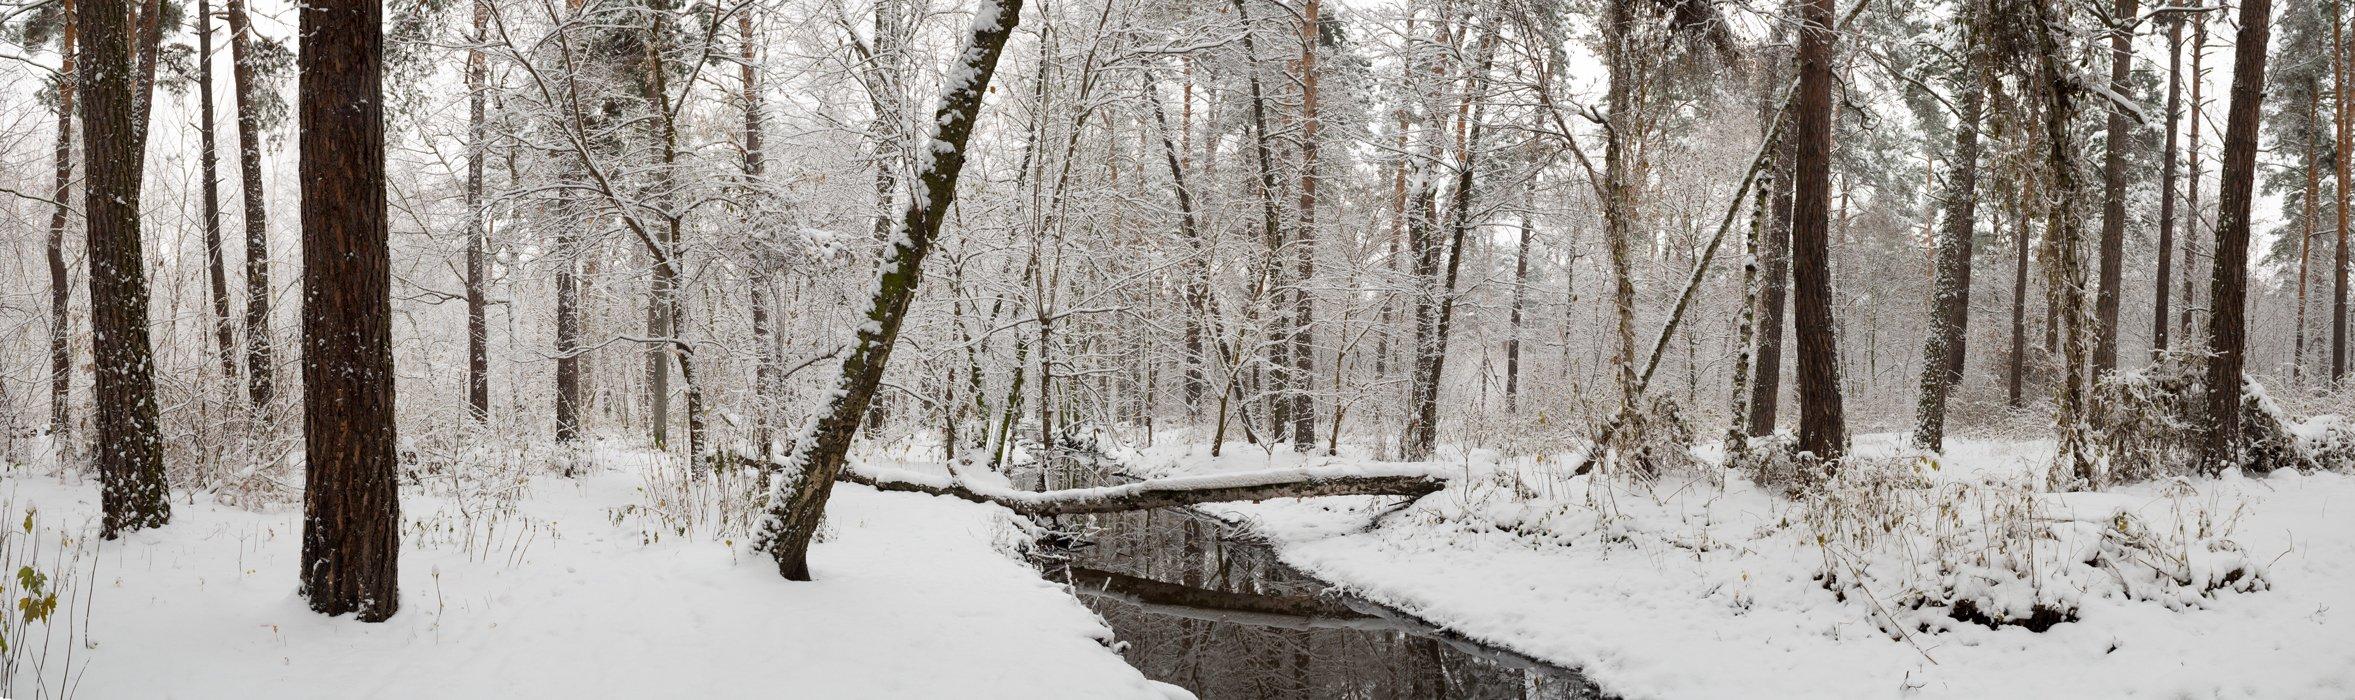 зима, снег, ручей, лес, Галанзовская Оксана